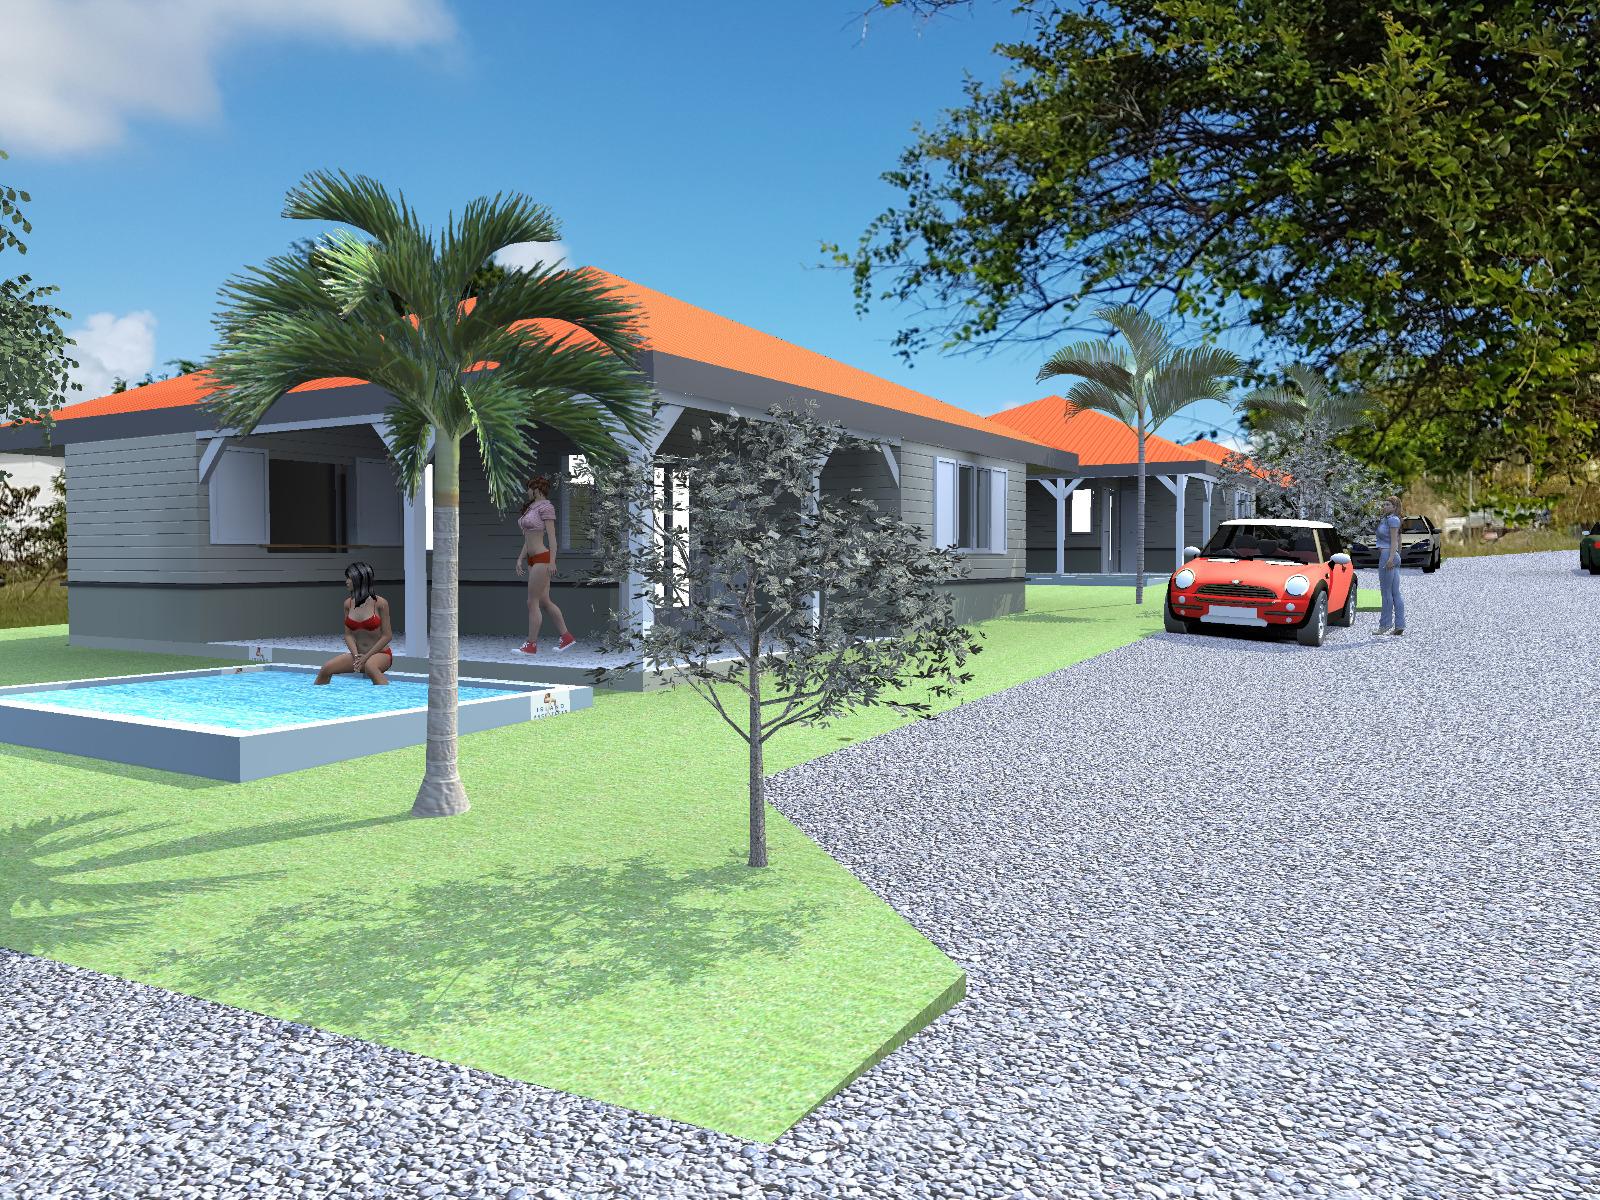 Vente villas t3 cap chevalier vefa for Vente maison vefa